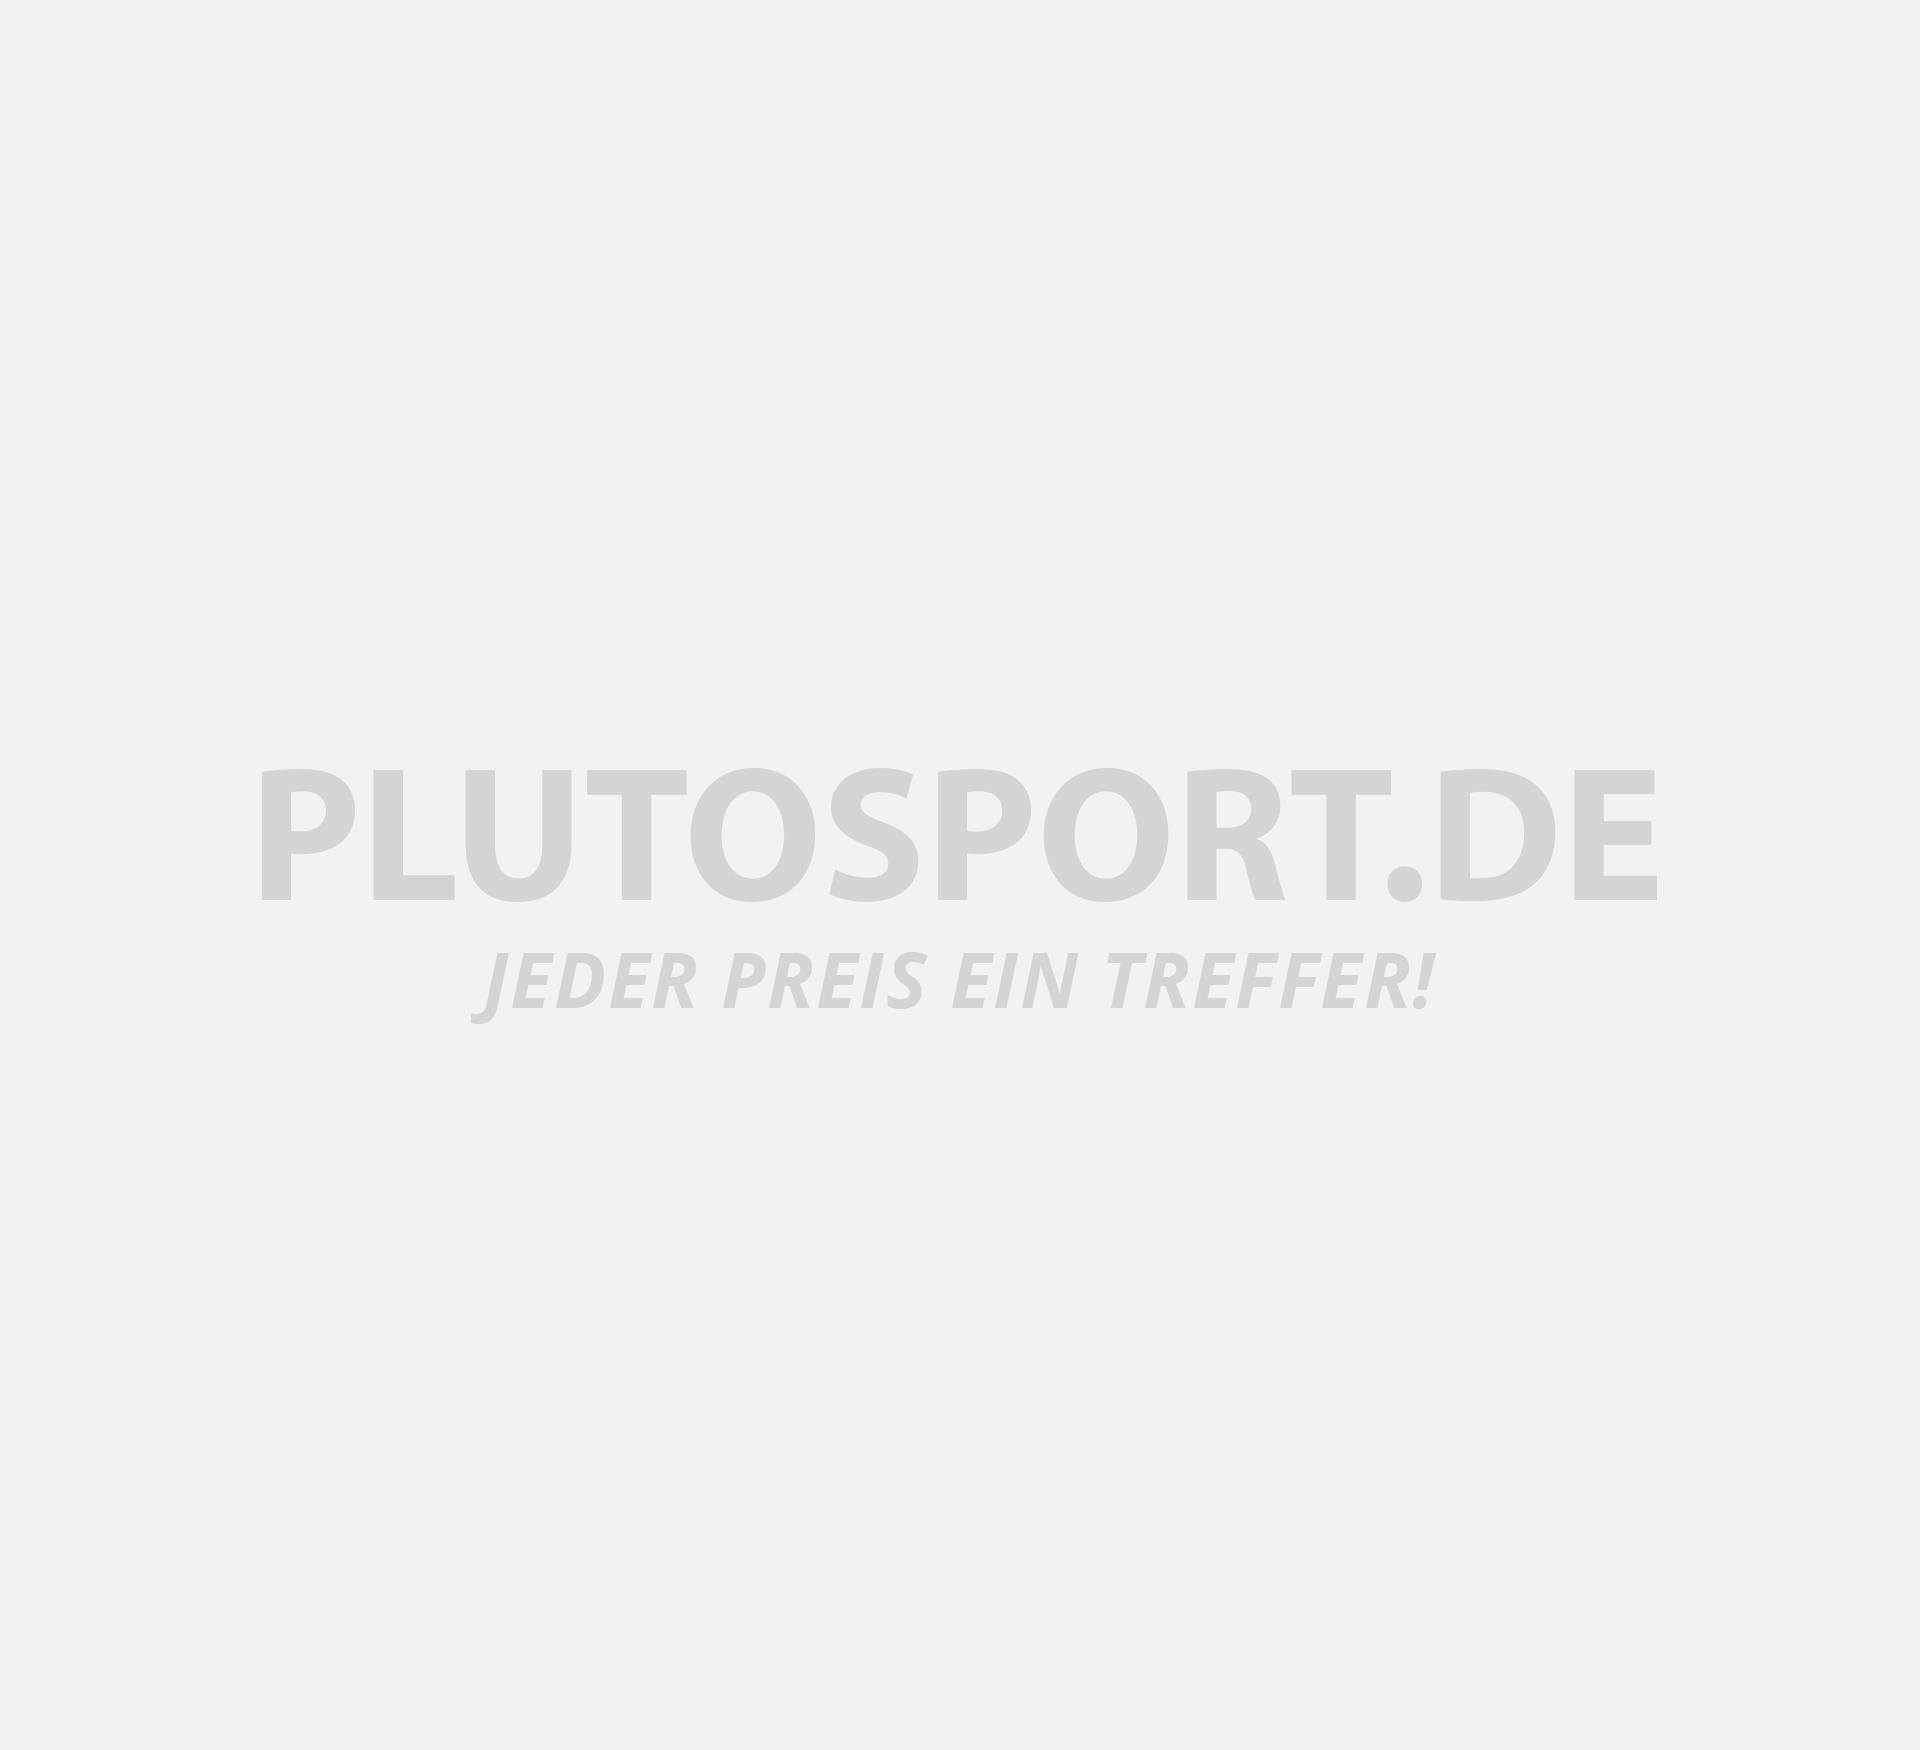 Tommy Hilfiger Boxershorts Herren (3er Pack)